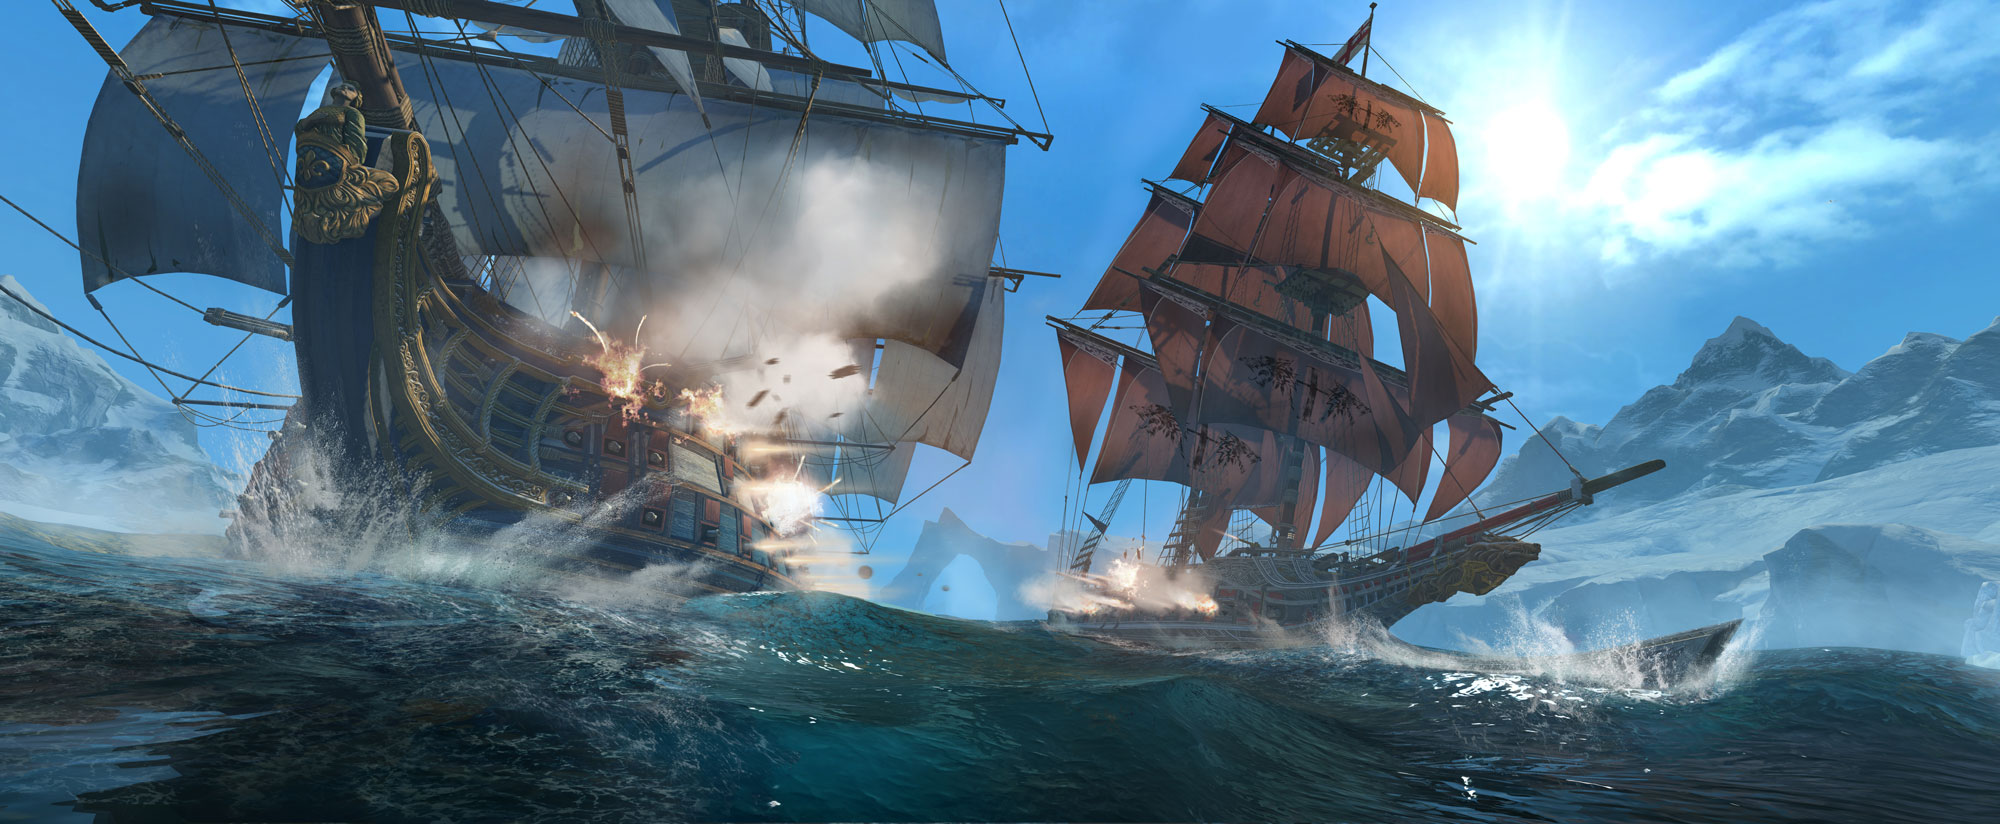 Assassins-Creed-Rogue-2